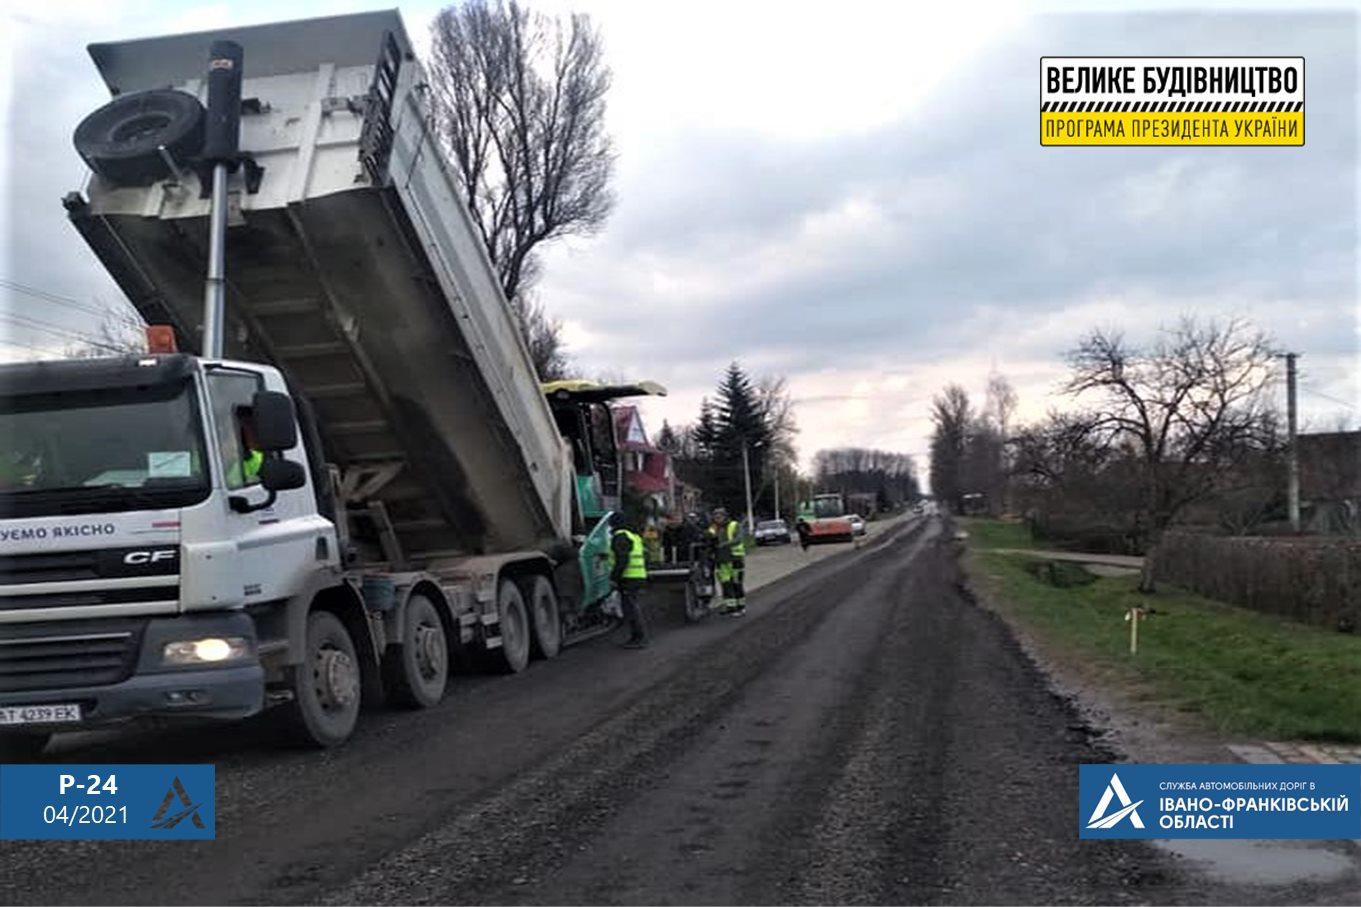 На Прикарпатті ремонтують дорогу, яка з'єднує три області (ФОТО)